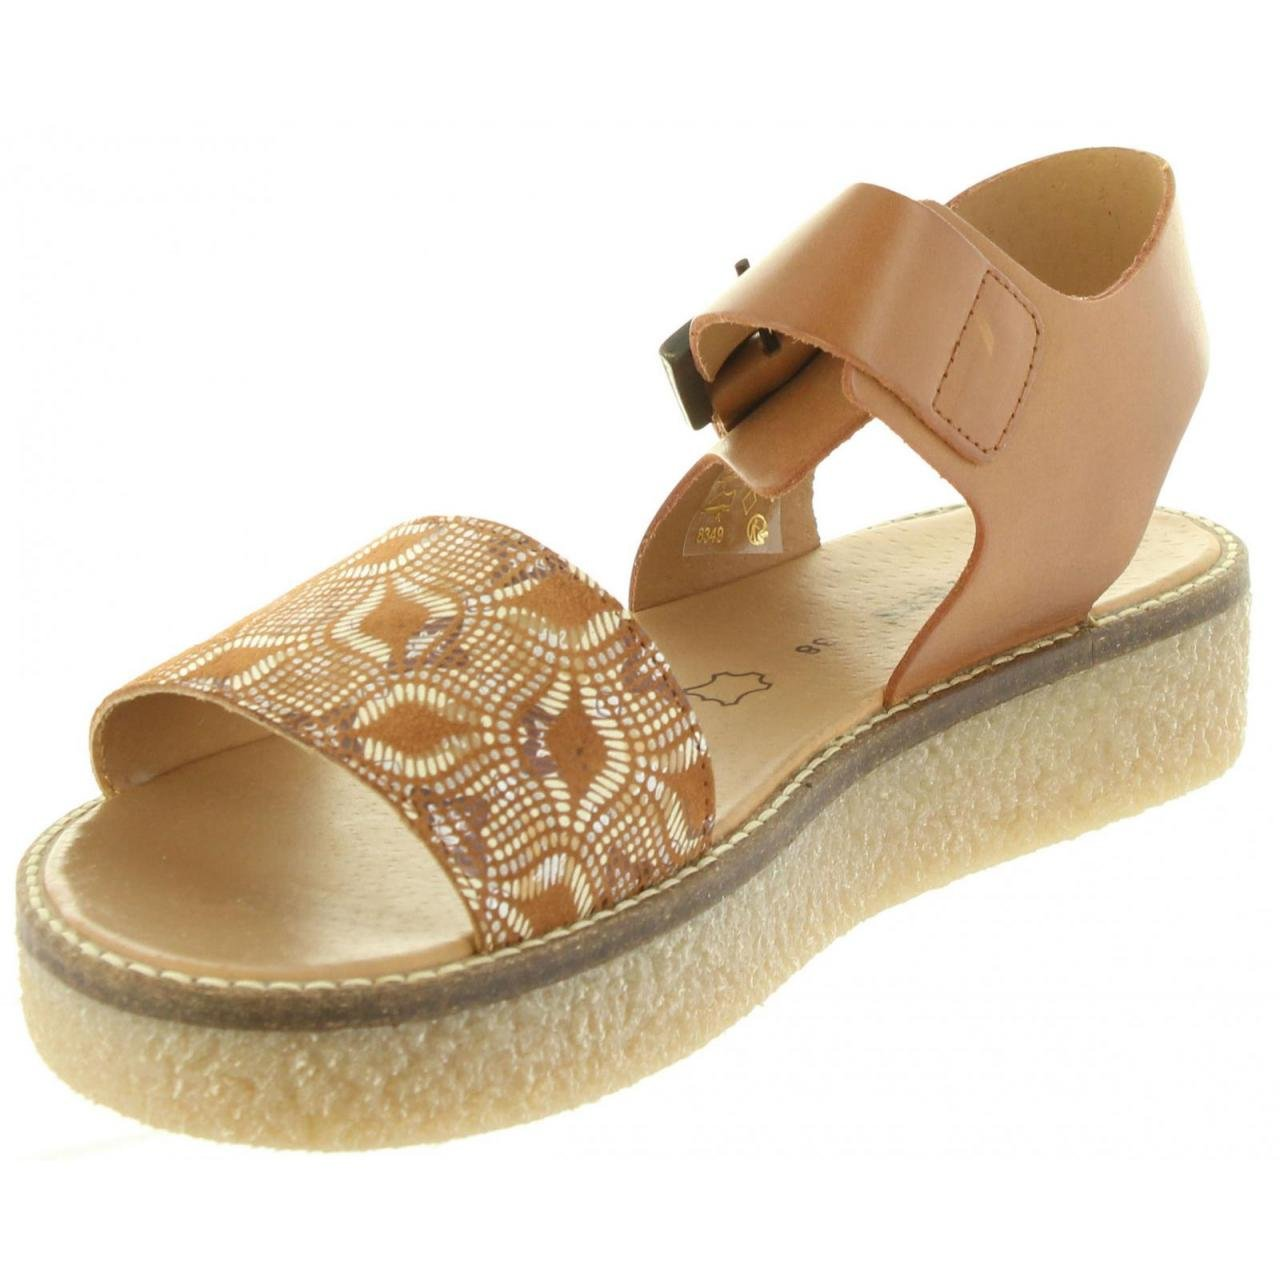 kickers femmes sandales sandales sandales 548871 50 victoire 114 chameau amazon.co taille 40. 90b616